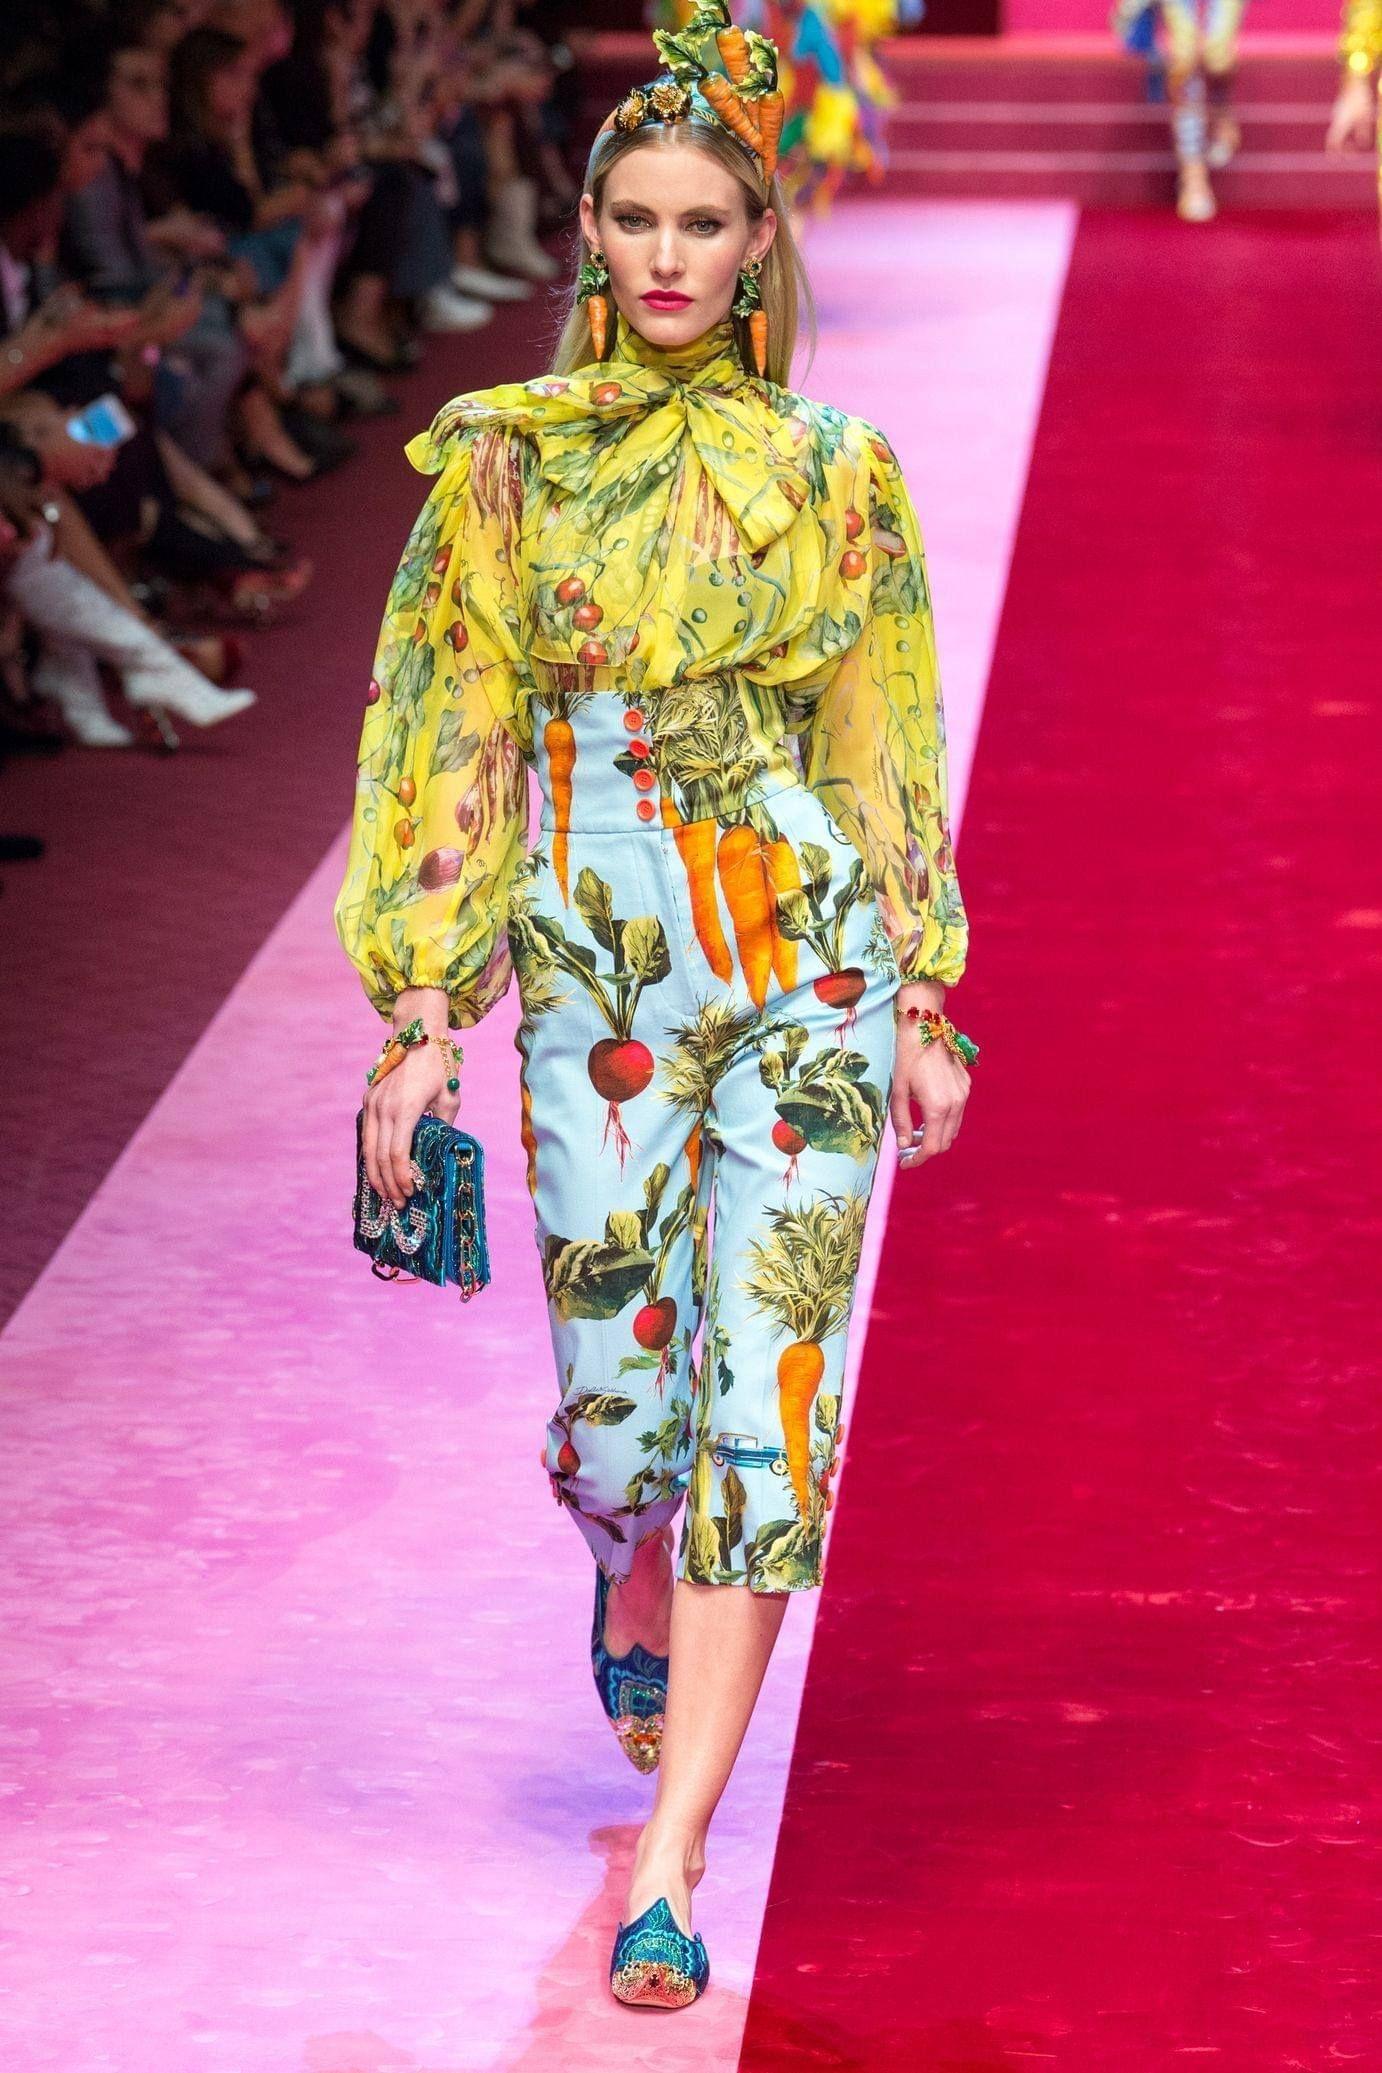 Модный Милан 2018  показы, коллекции, тенденции и тренды одежды. Модный  показ мод одежды из Милана, Италия. Итальянская мода 2018  что будет модно. 45c703018bb